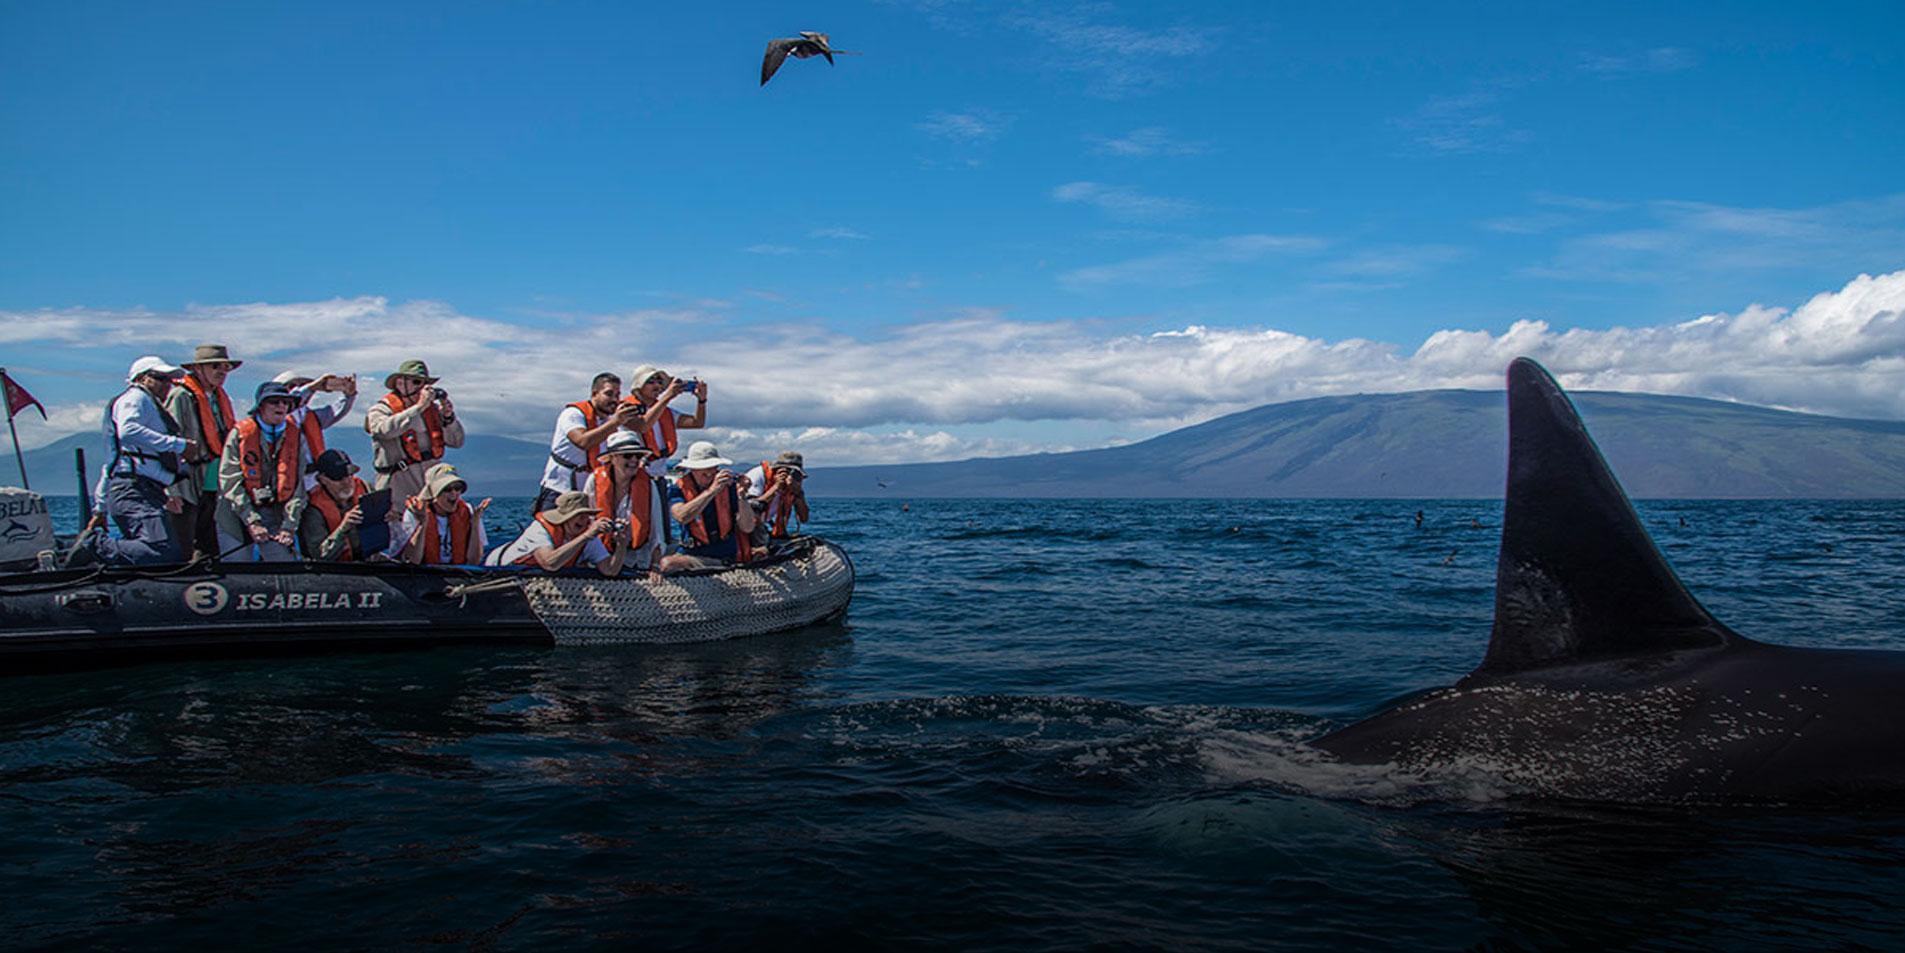 Ecuador and Galapagos - 2019´s Adventure of a Lifetime